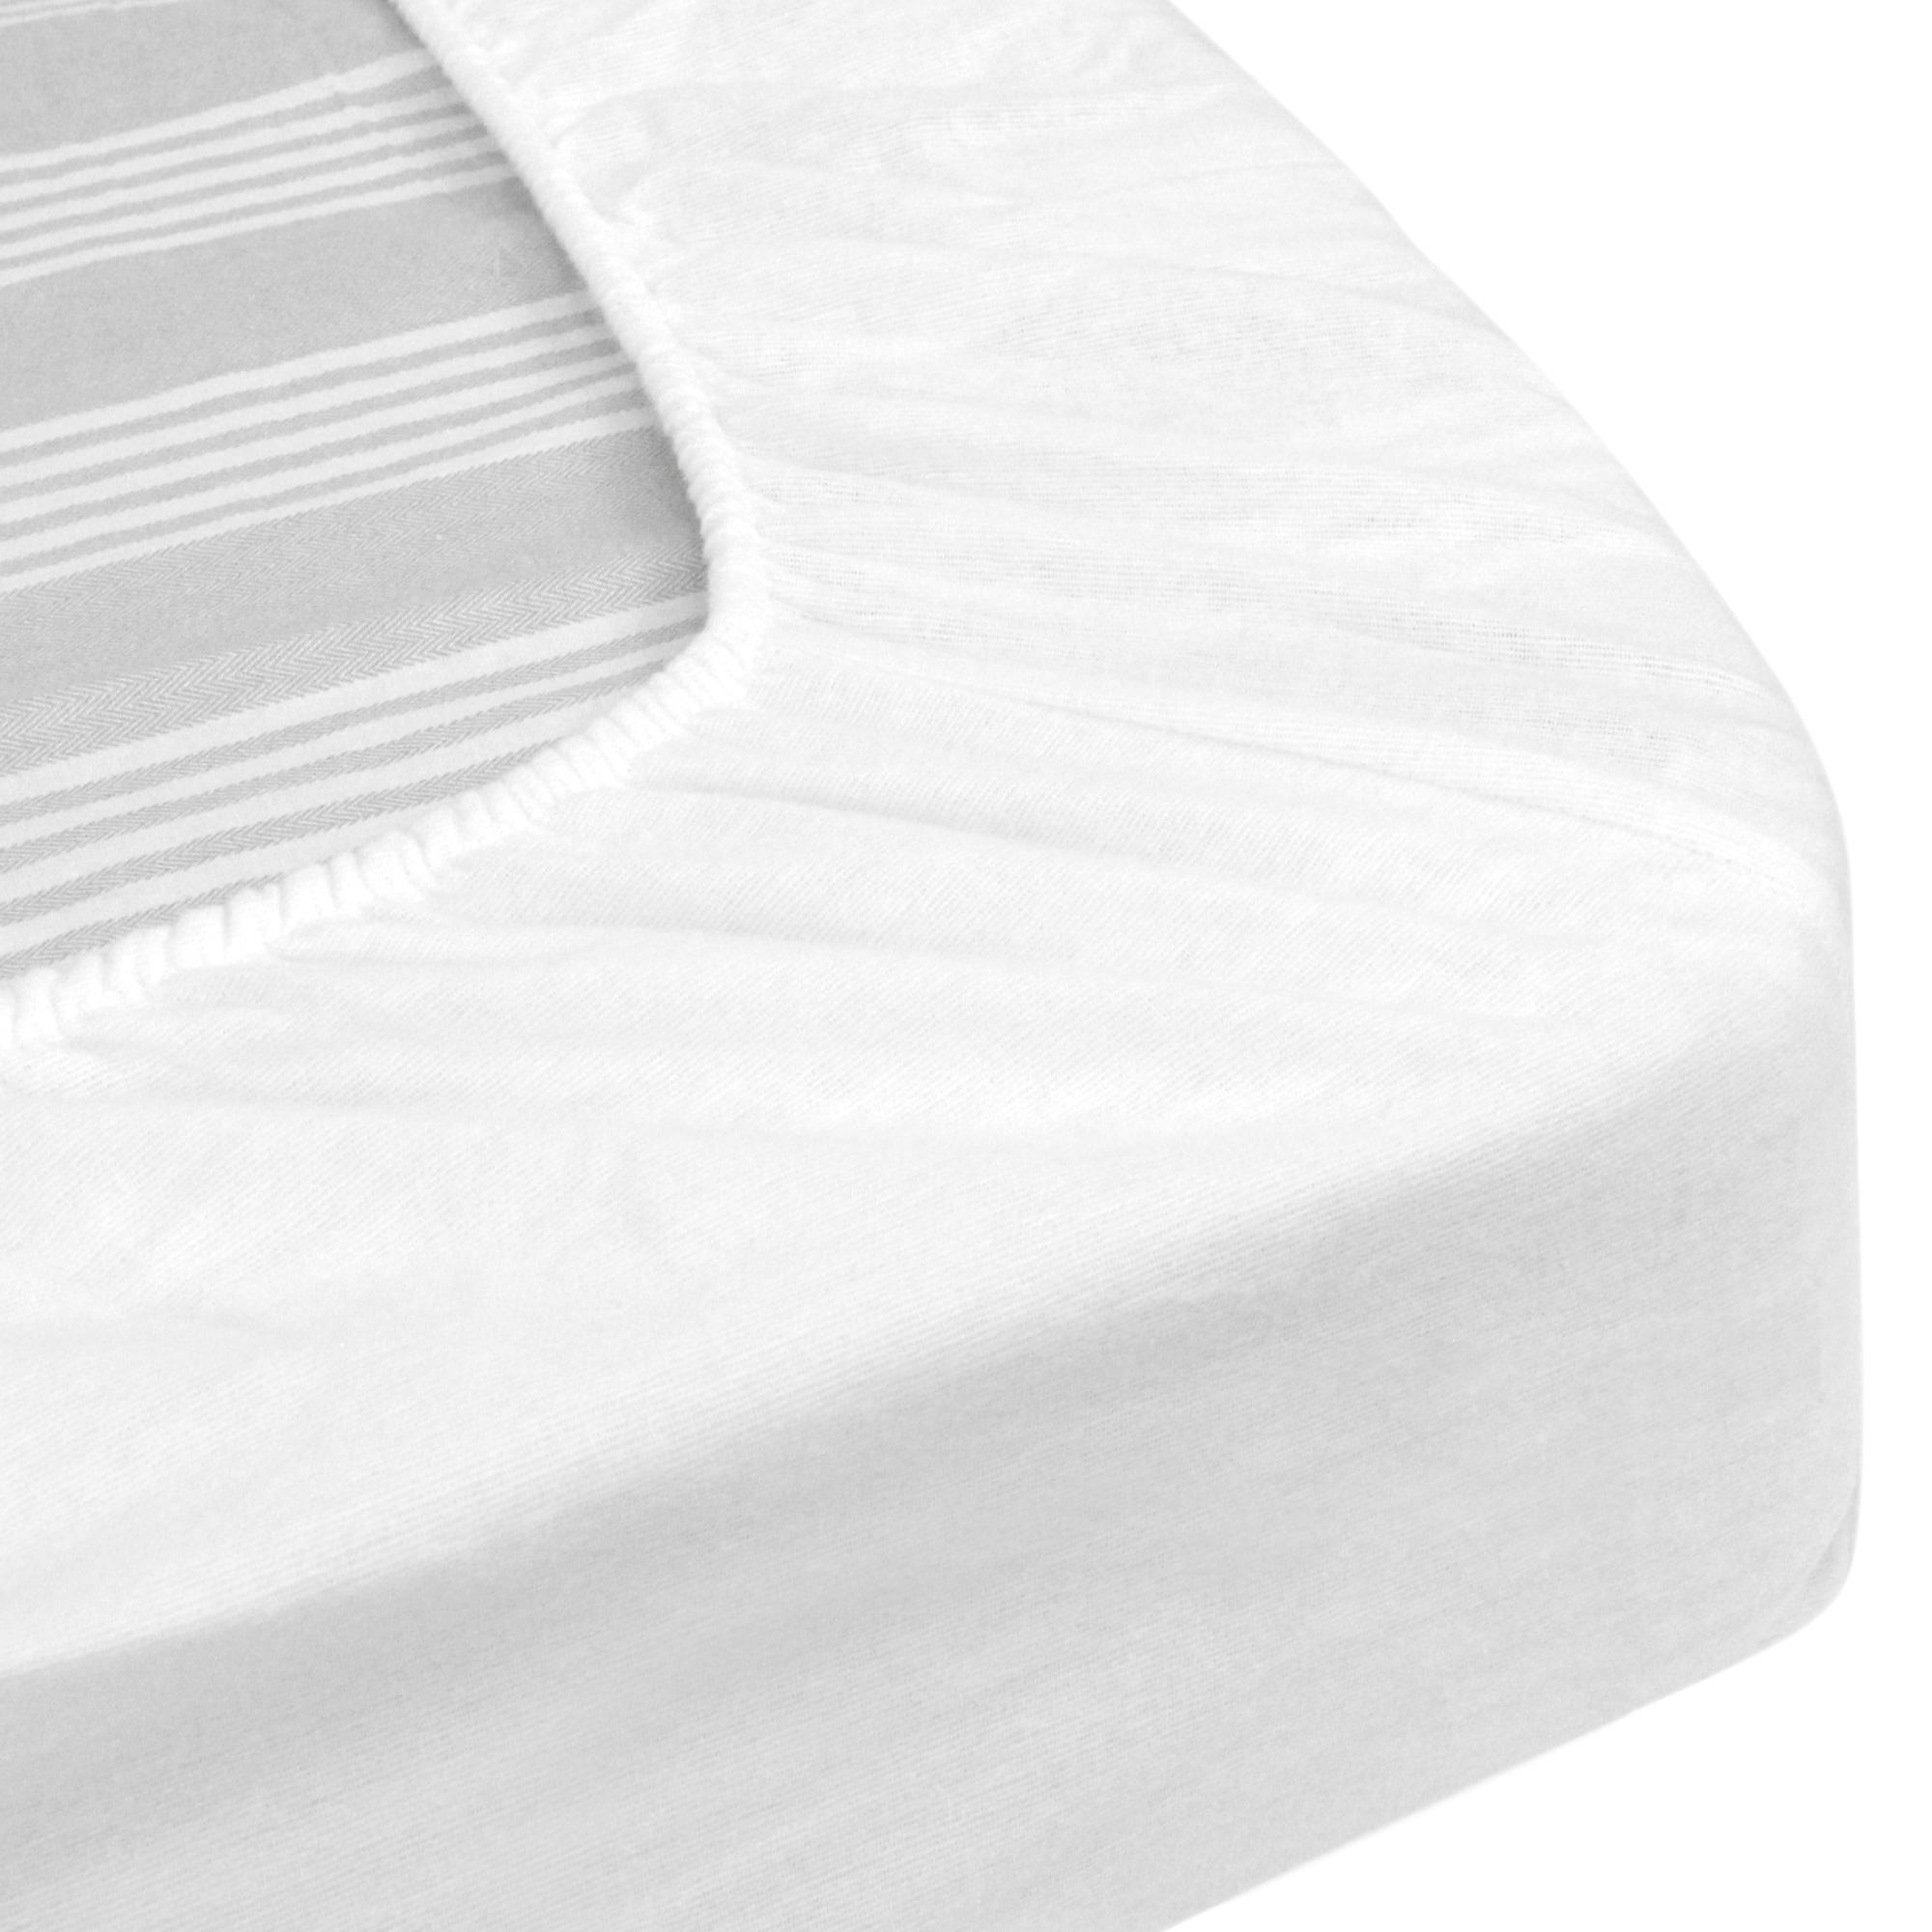 Protege Matelas Impermeable 140x200 Cm Bonnet 23cm Arnon Molleton